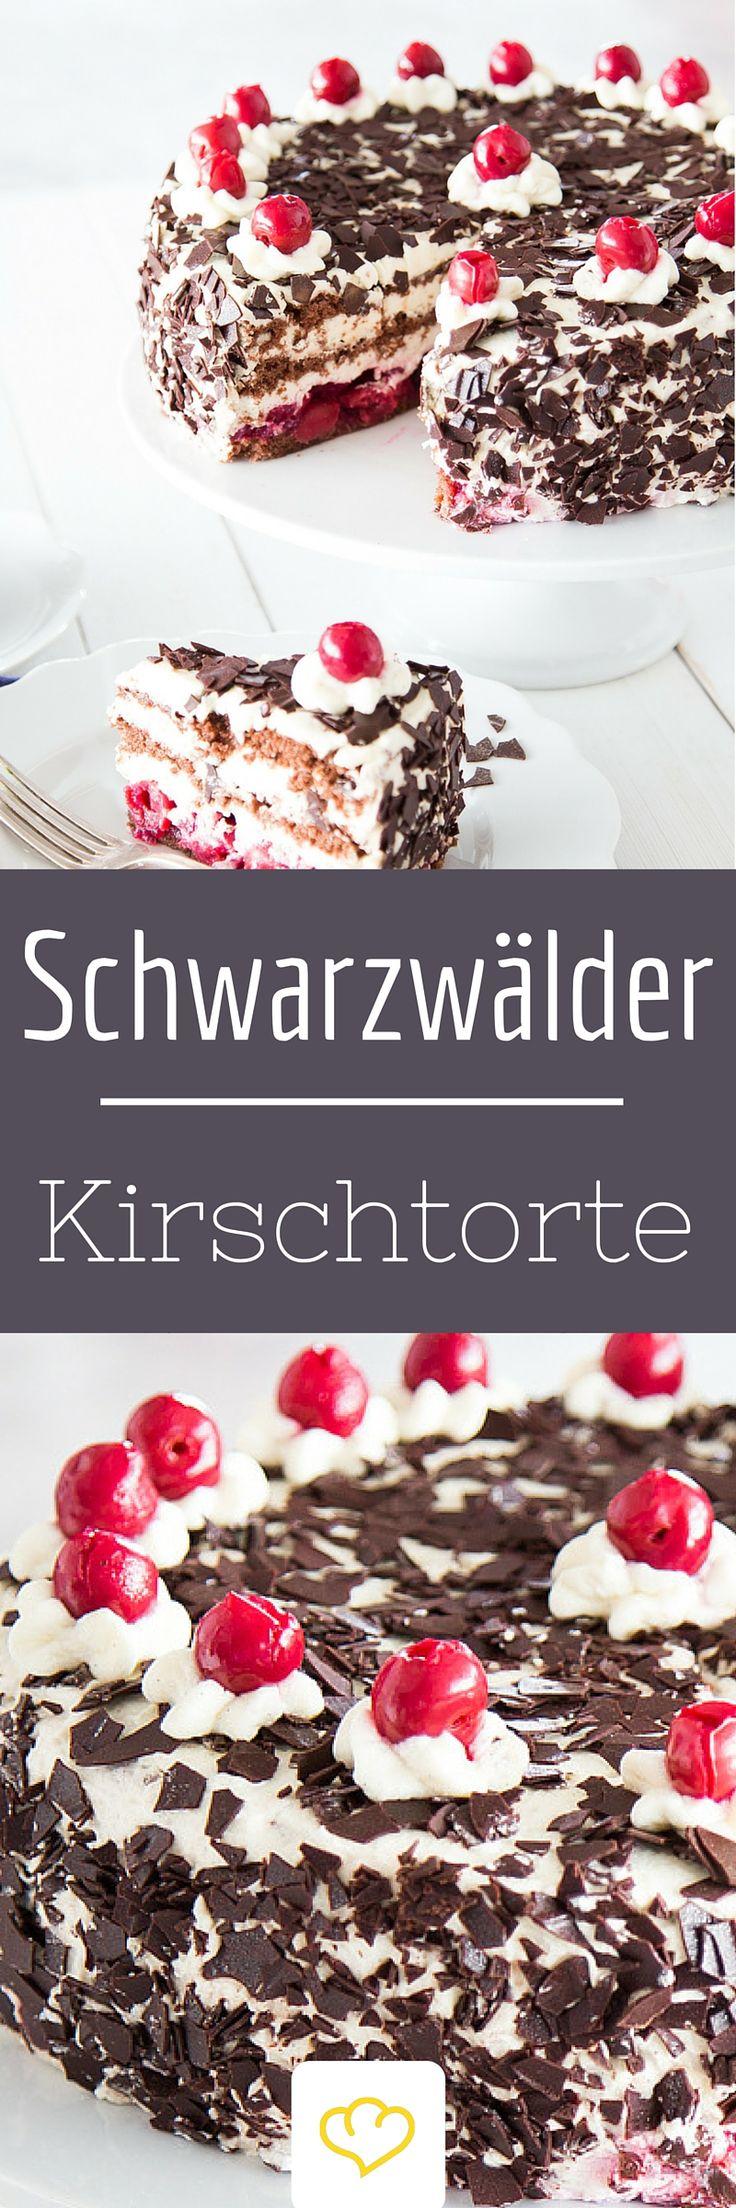 Schwarzwälder Kirschtorte: Sie hat einen Schuss und ist die beliebteste Torte der Deutschen. Ca. 10 cm hoch, cremige Sahne, fruchtiges Kirschkompott und mit einem ordentlichen Schuss Kirschwasser – so muss er sein, der weltbekannte Klassiker.